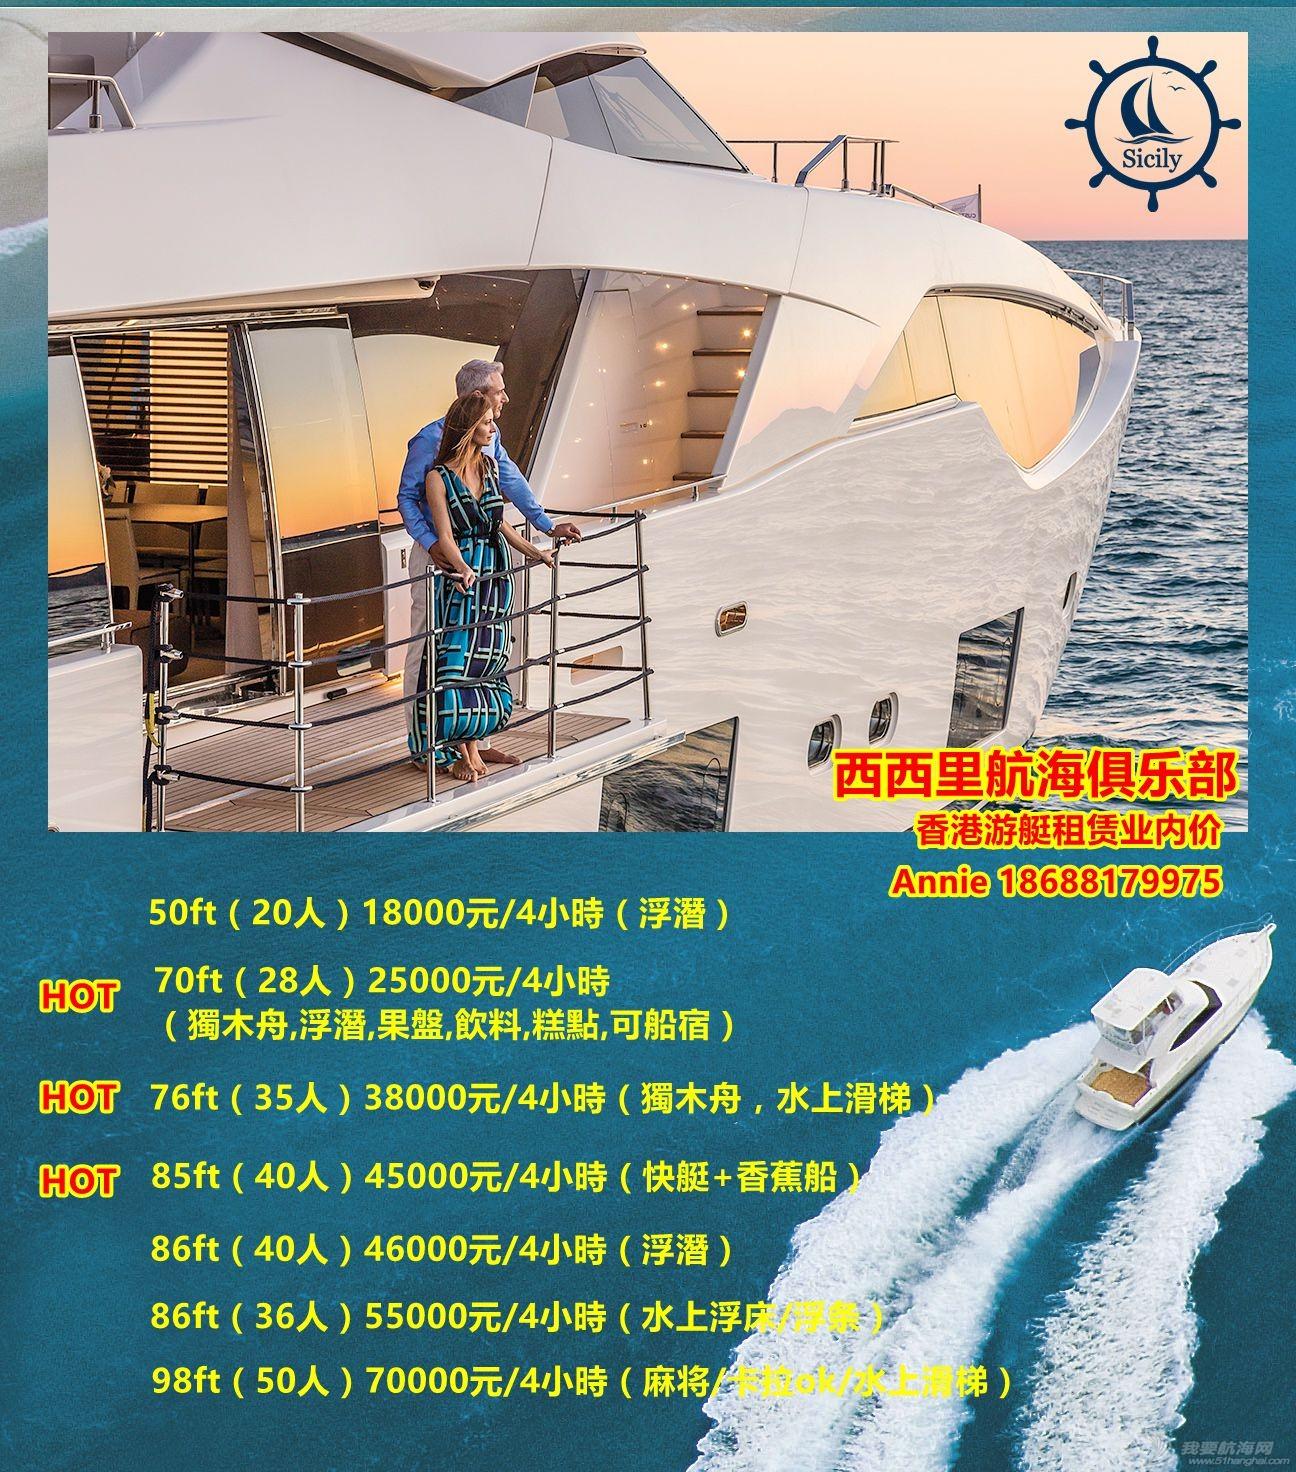 香港 香港游艇租赁 香港游艇租赁